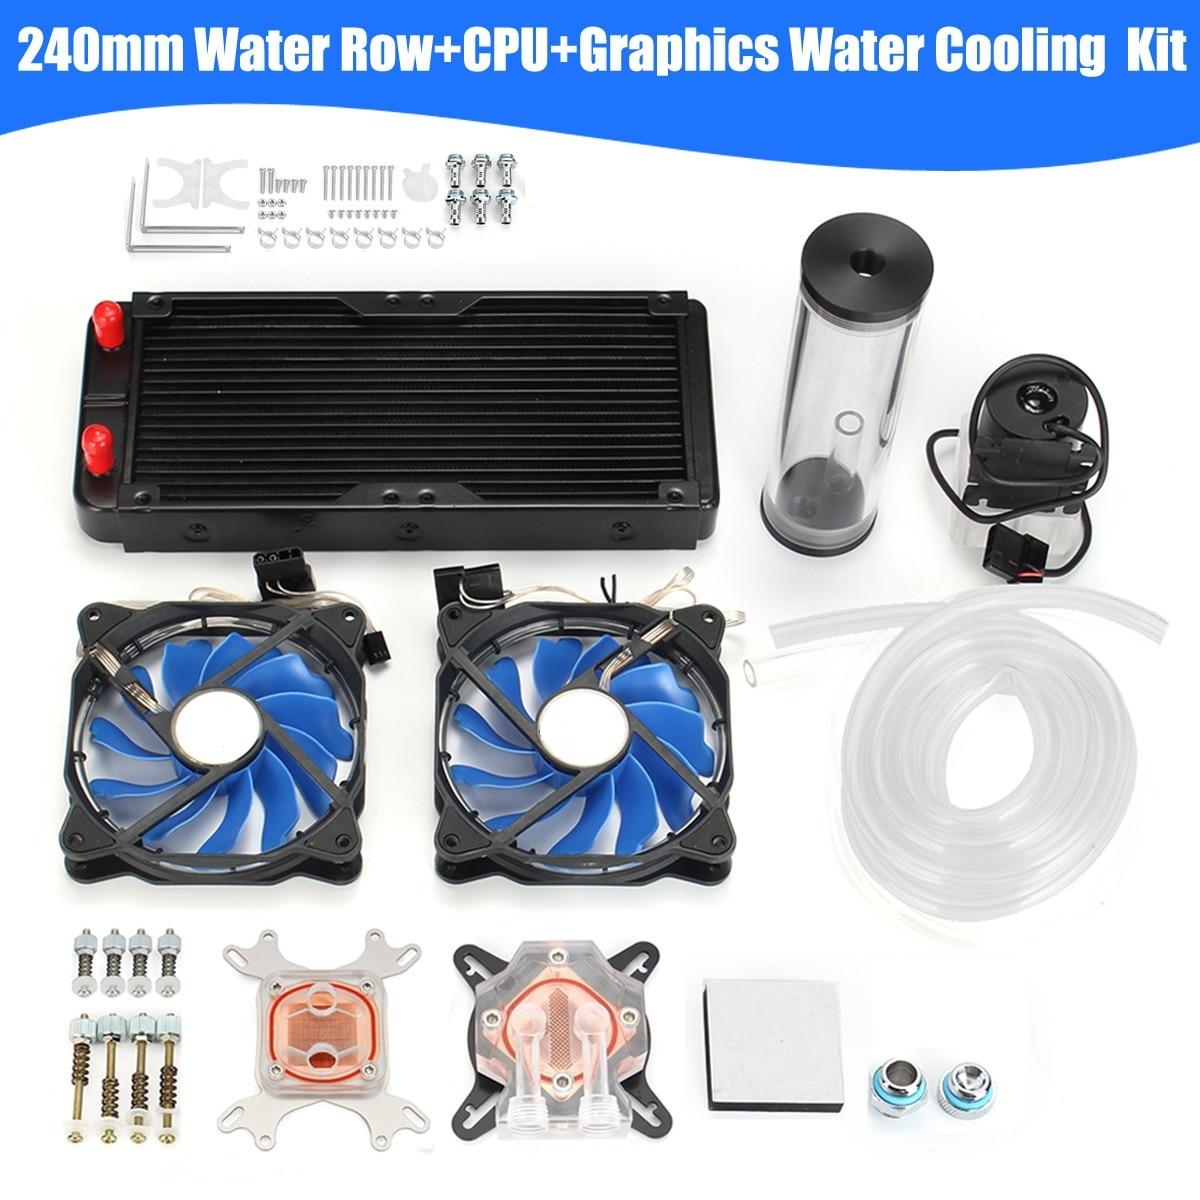 DIY PC водяного охлаждения комплект с 240 мм водяной ряд + процессор водяная система охлаждения комплект компьютеров радиатор насос для резерву...